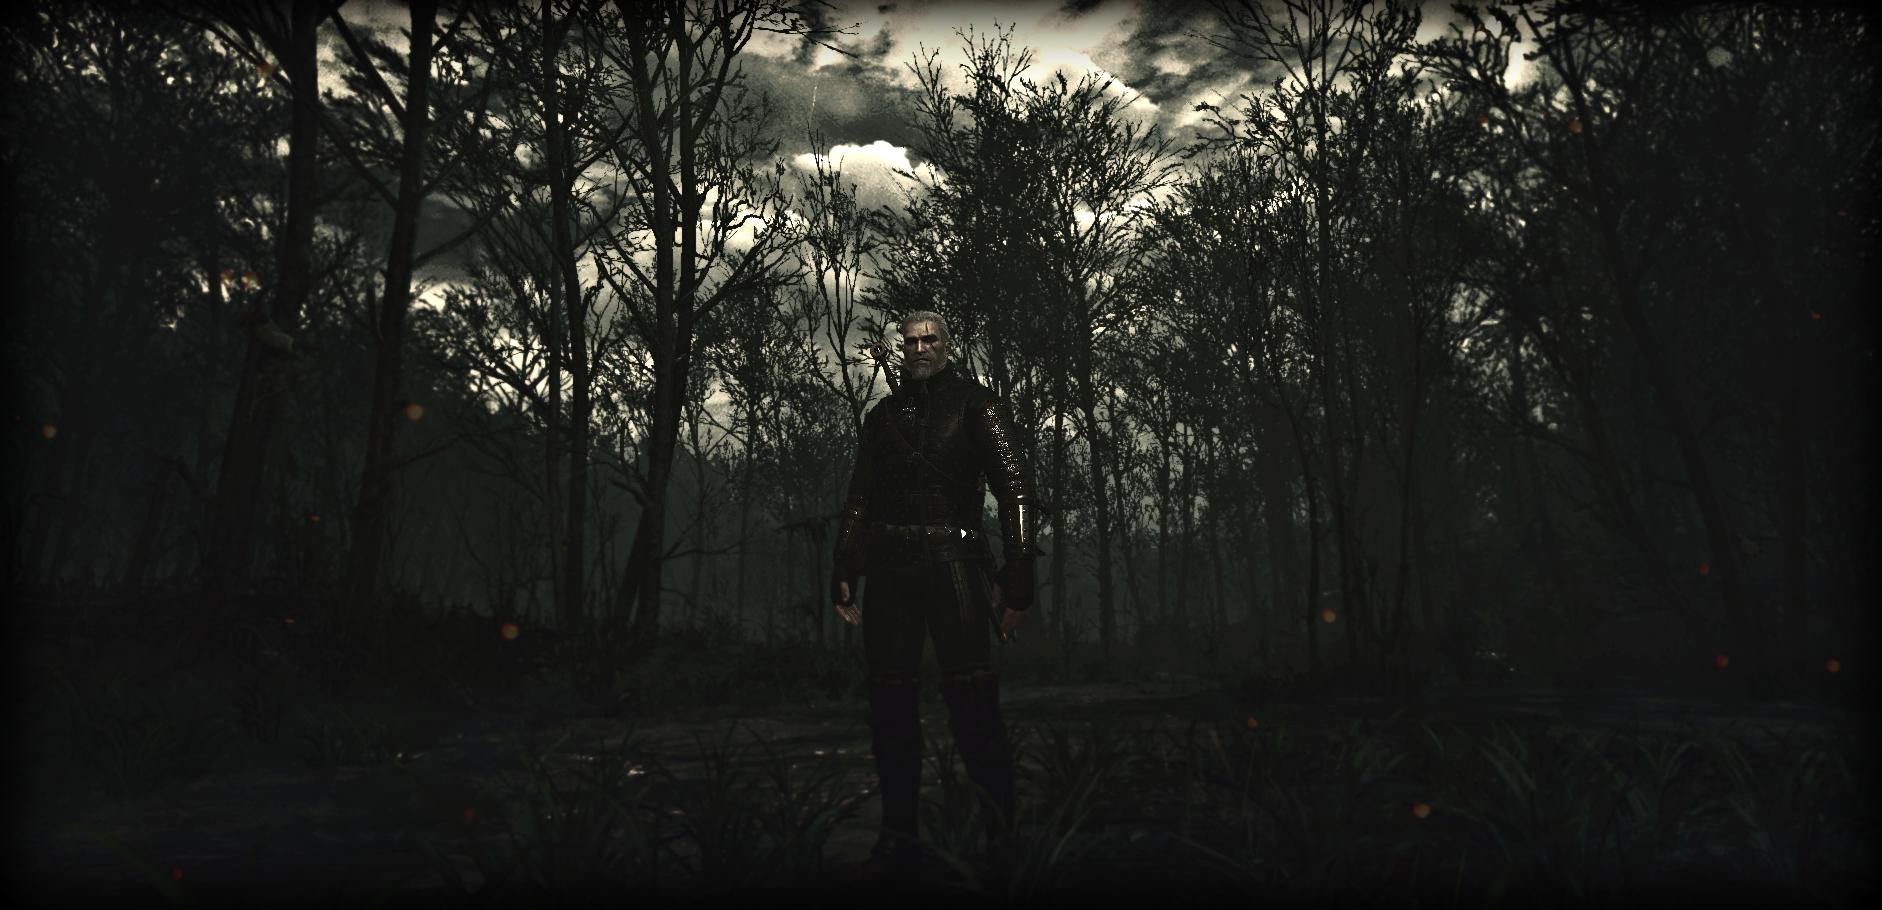 witcher3 2015-07-21 23-15-33-562.jpg - The Witcher 3: Wild Hunt